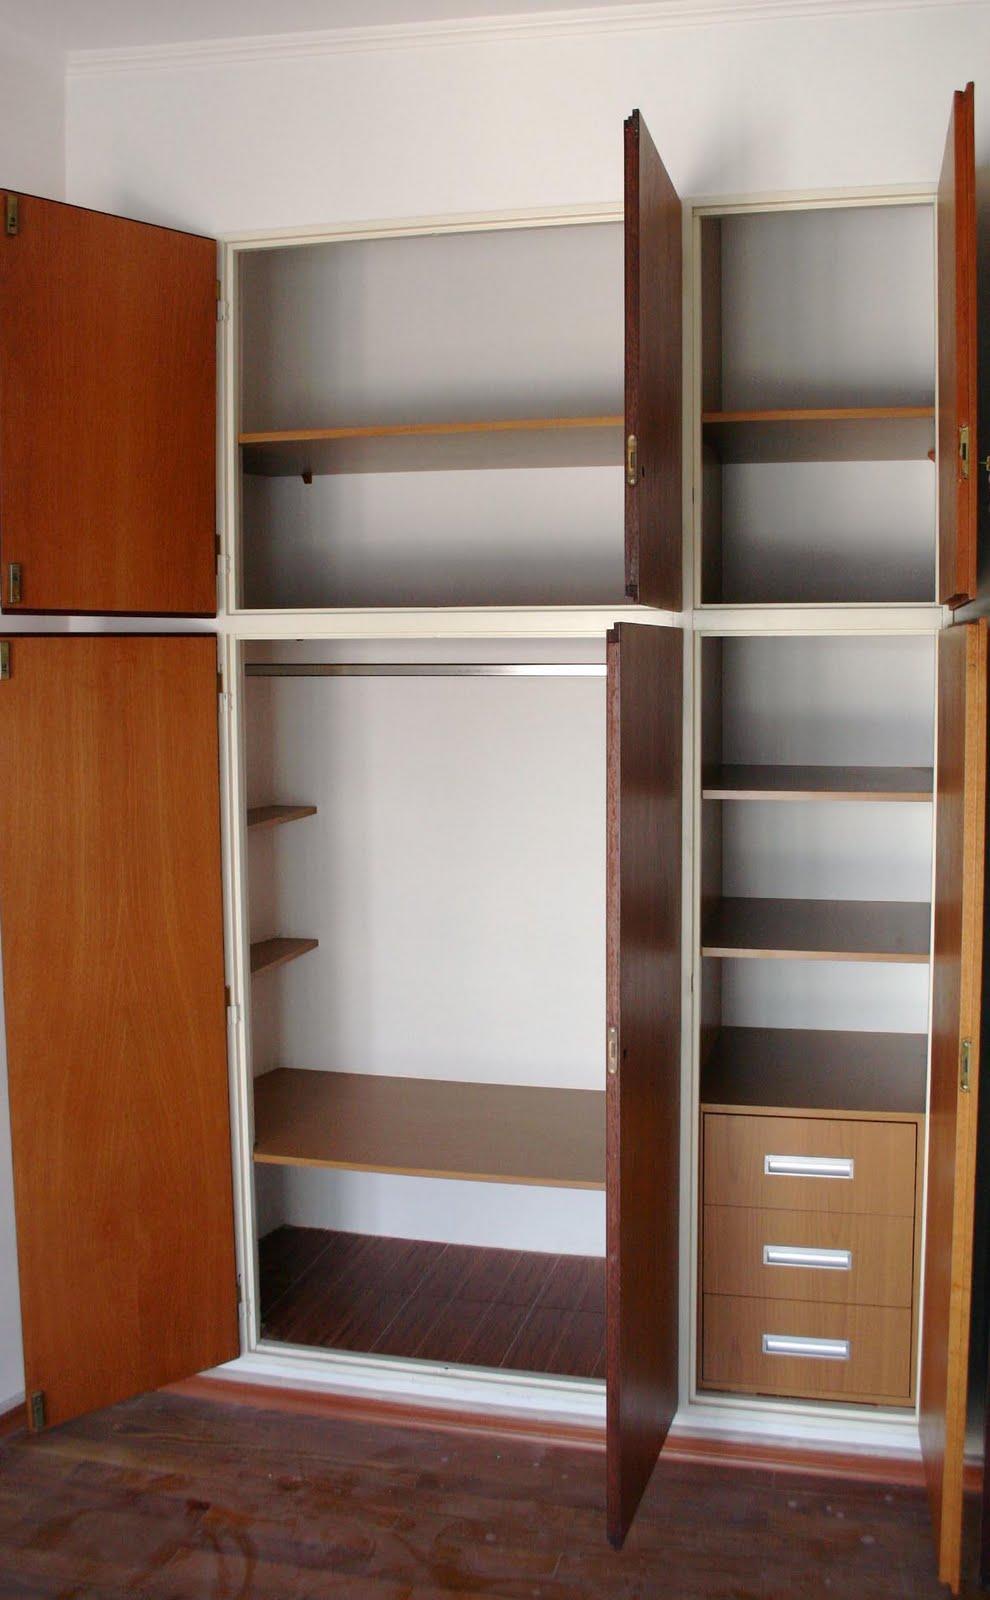 Parte de la solucion interiores de placard for Interiores de placard